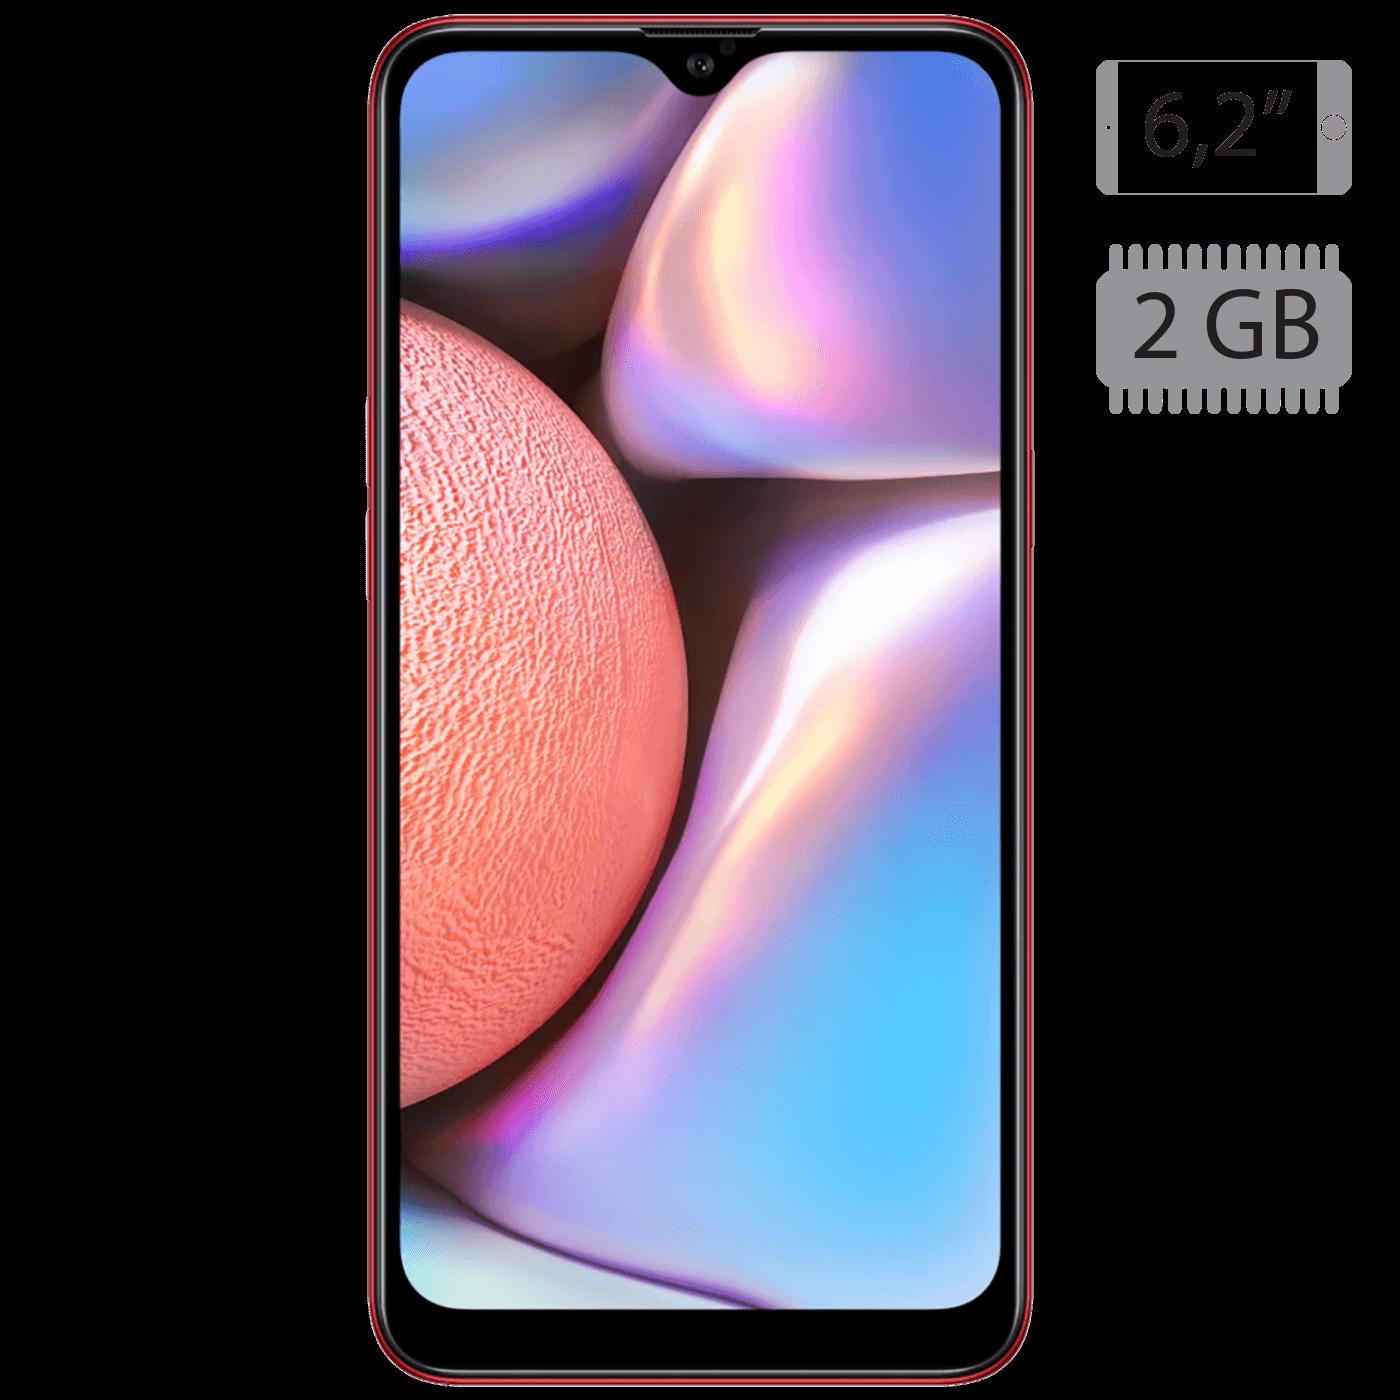 Smartphone 6.2